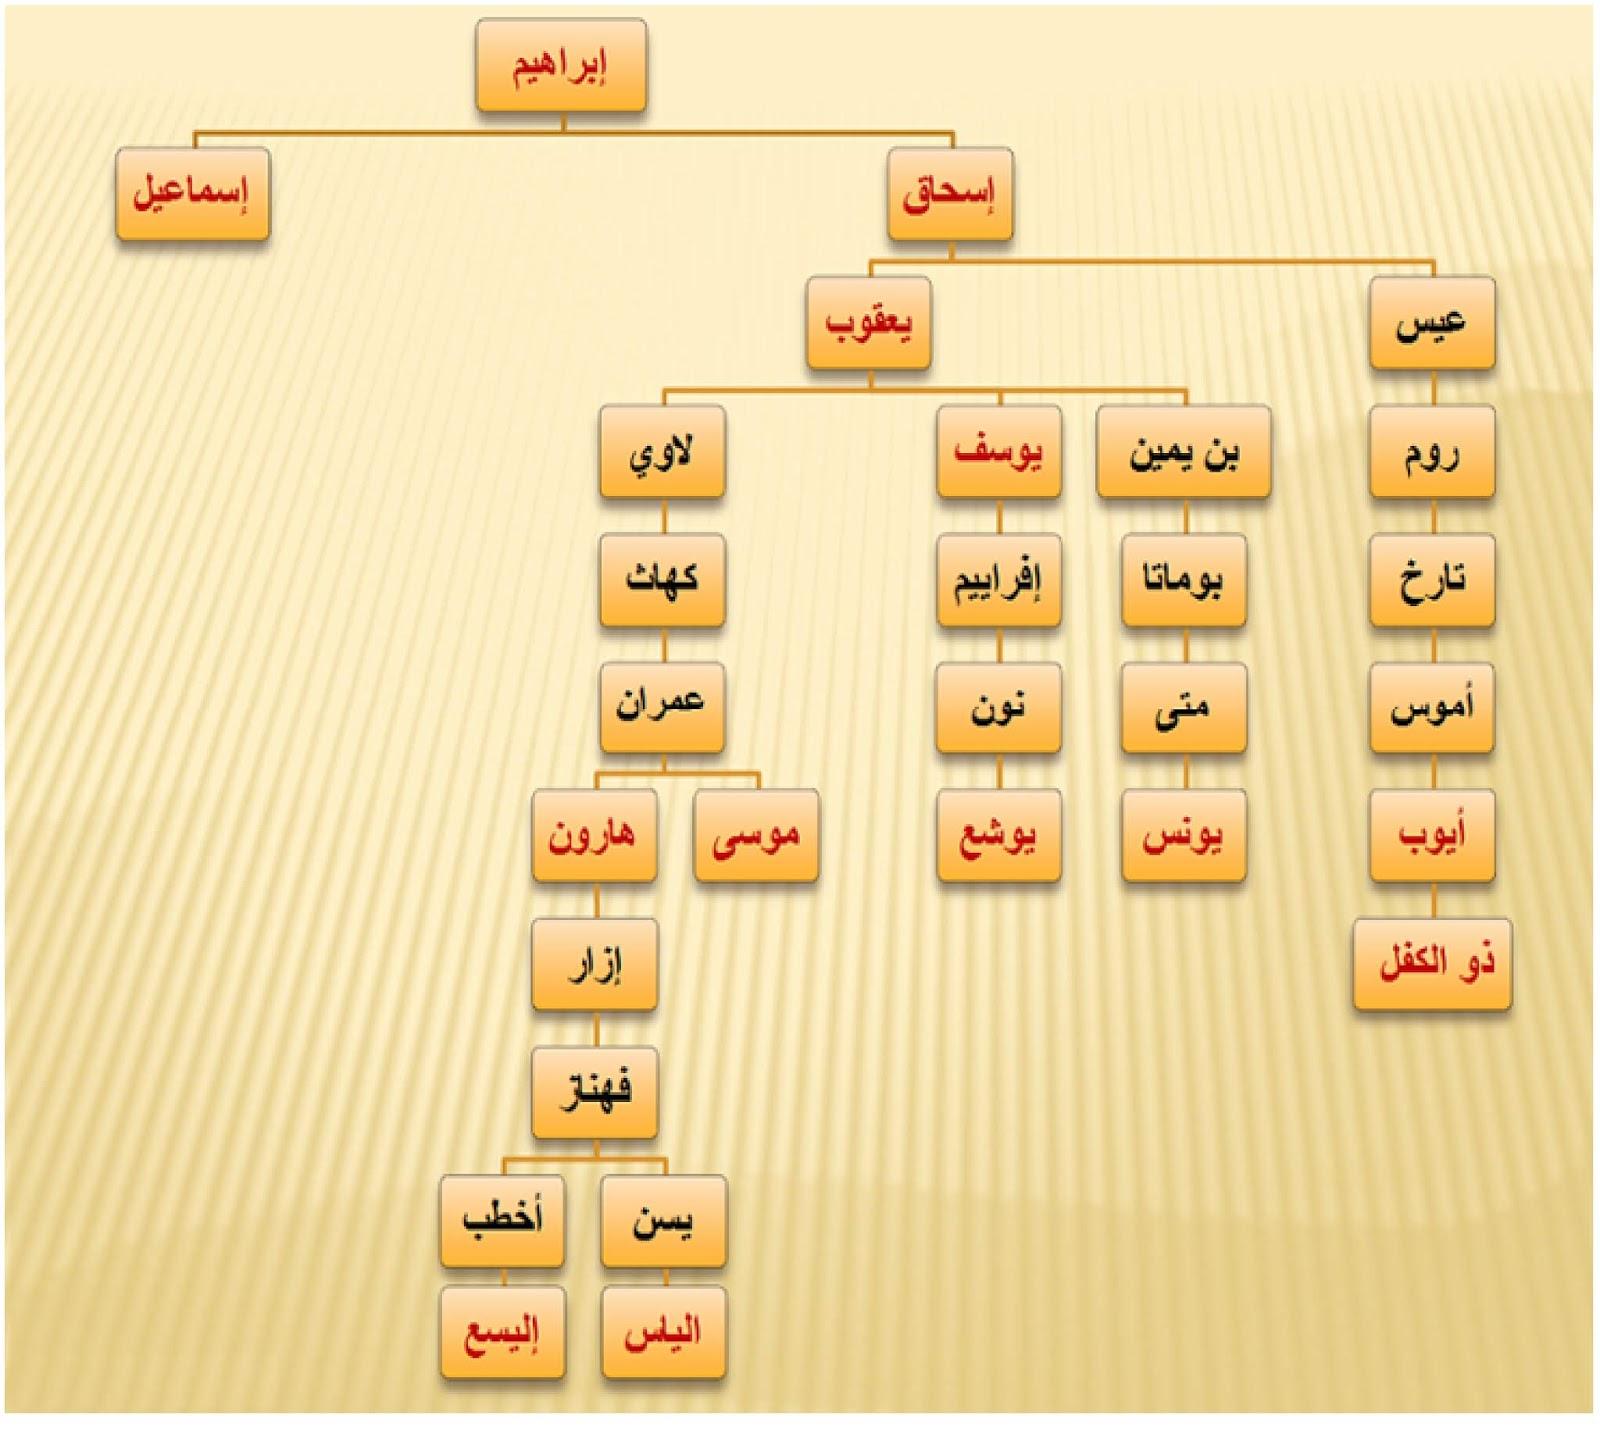 تاريخ الامة الامازيغية اصل العرب واصل لغتهم وماهي سلالتهم الجينية